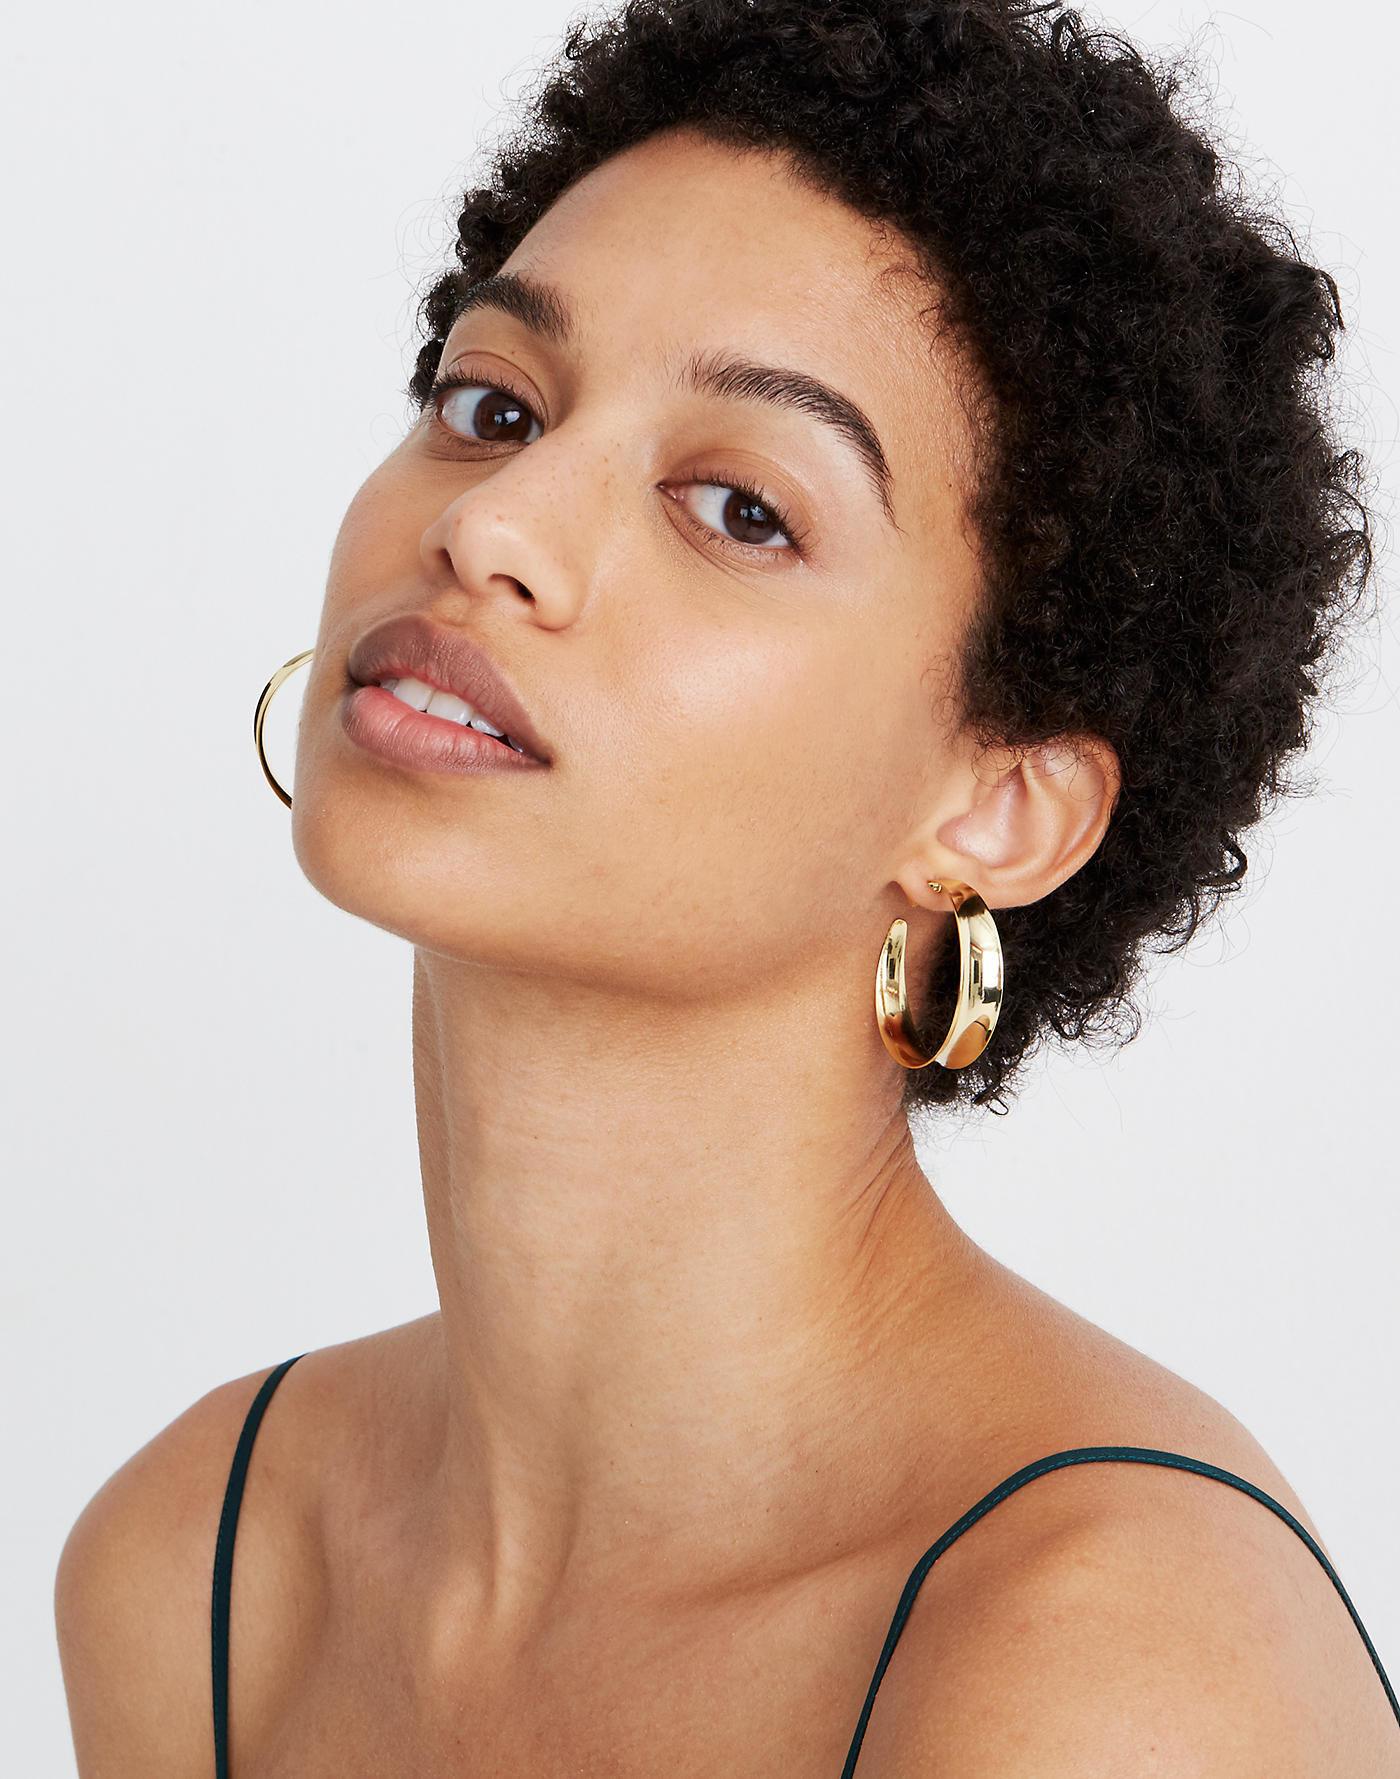 model wearing gold hoop earrings